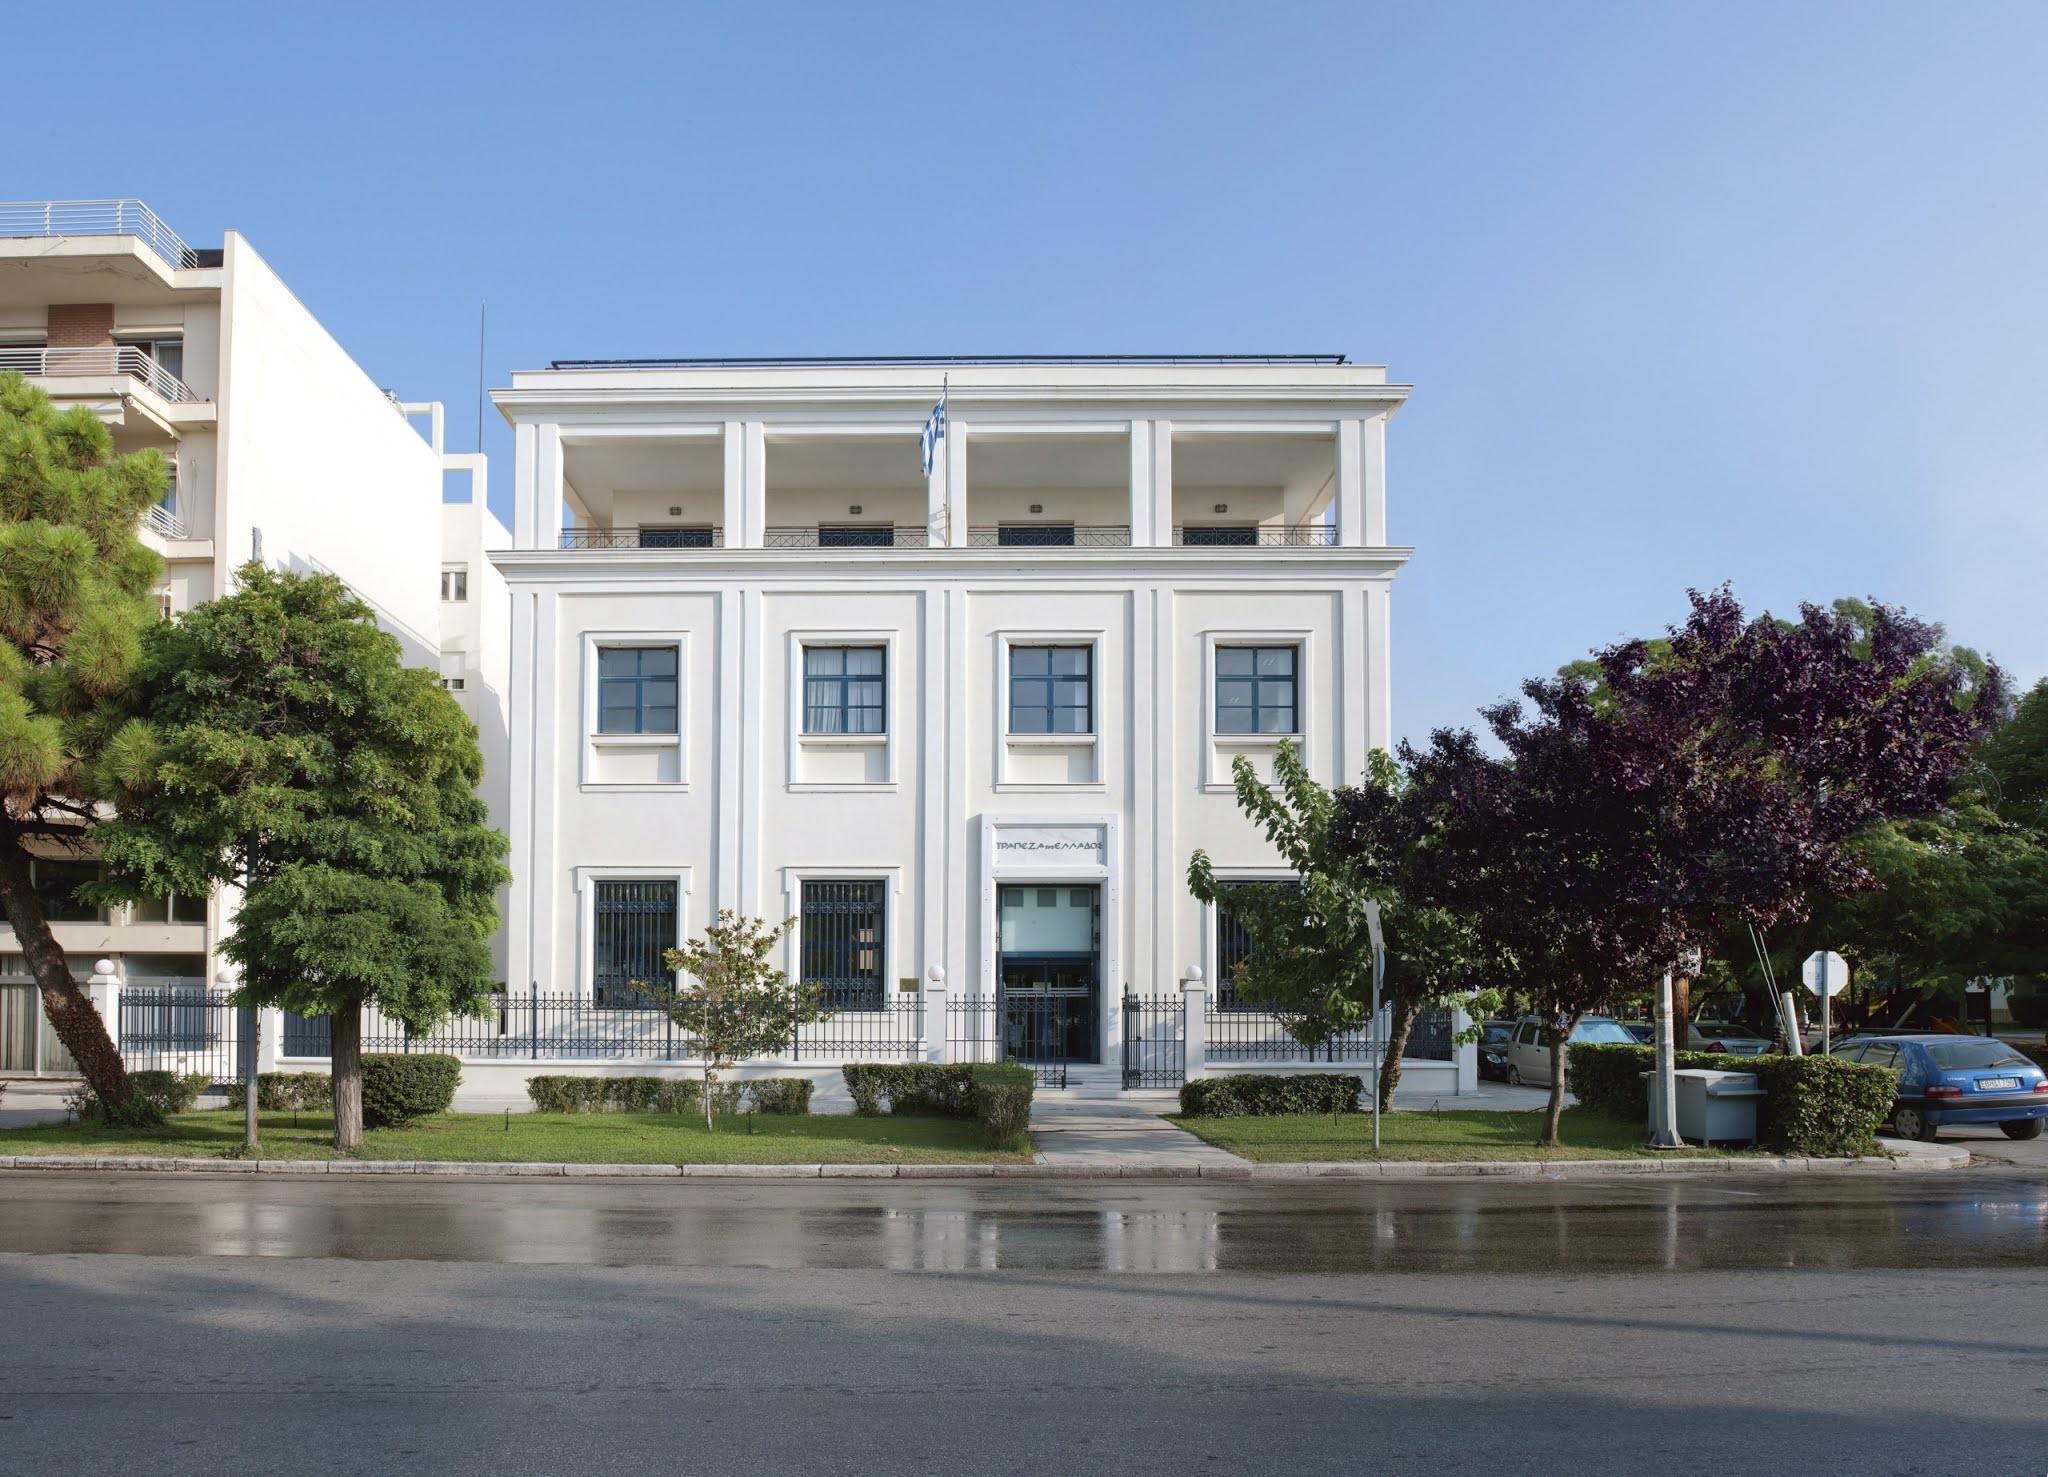 Αλεξανδρούπολη: Κινητοποίηση για την Τράπεζα της Ελλάδας